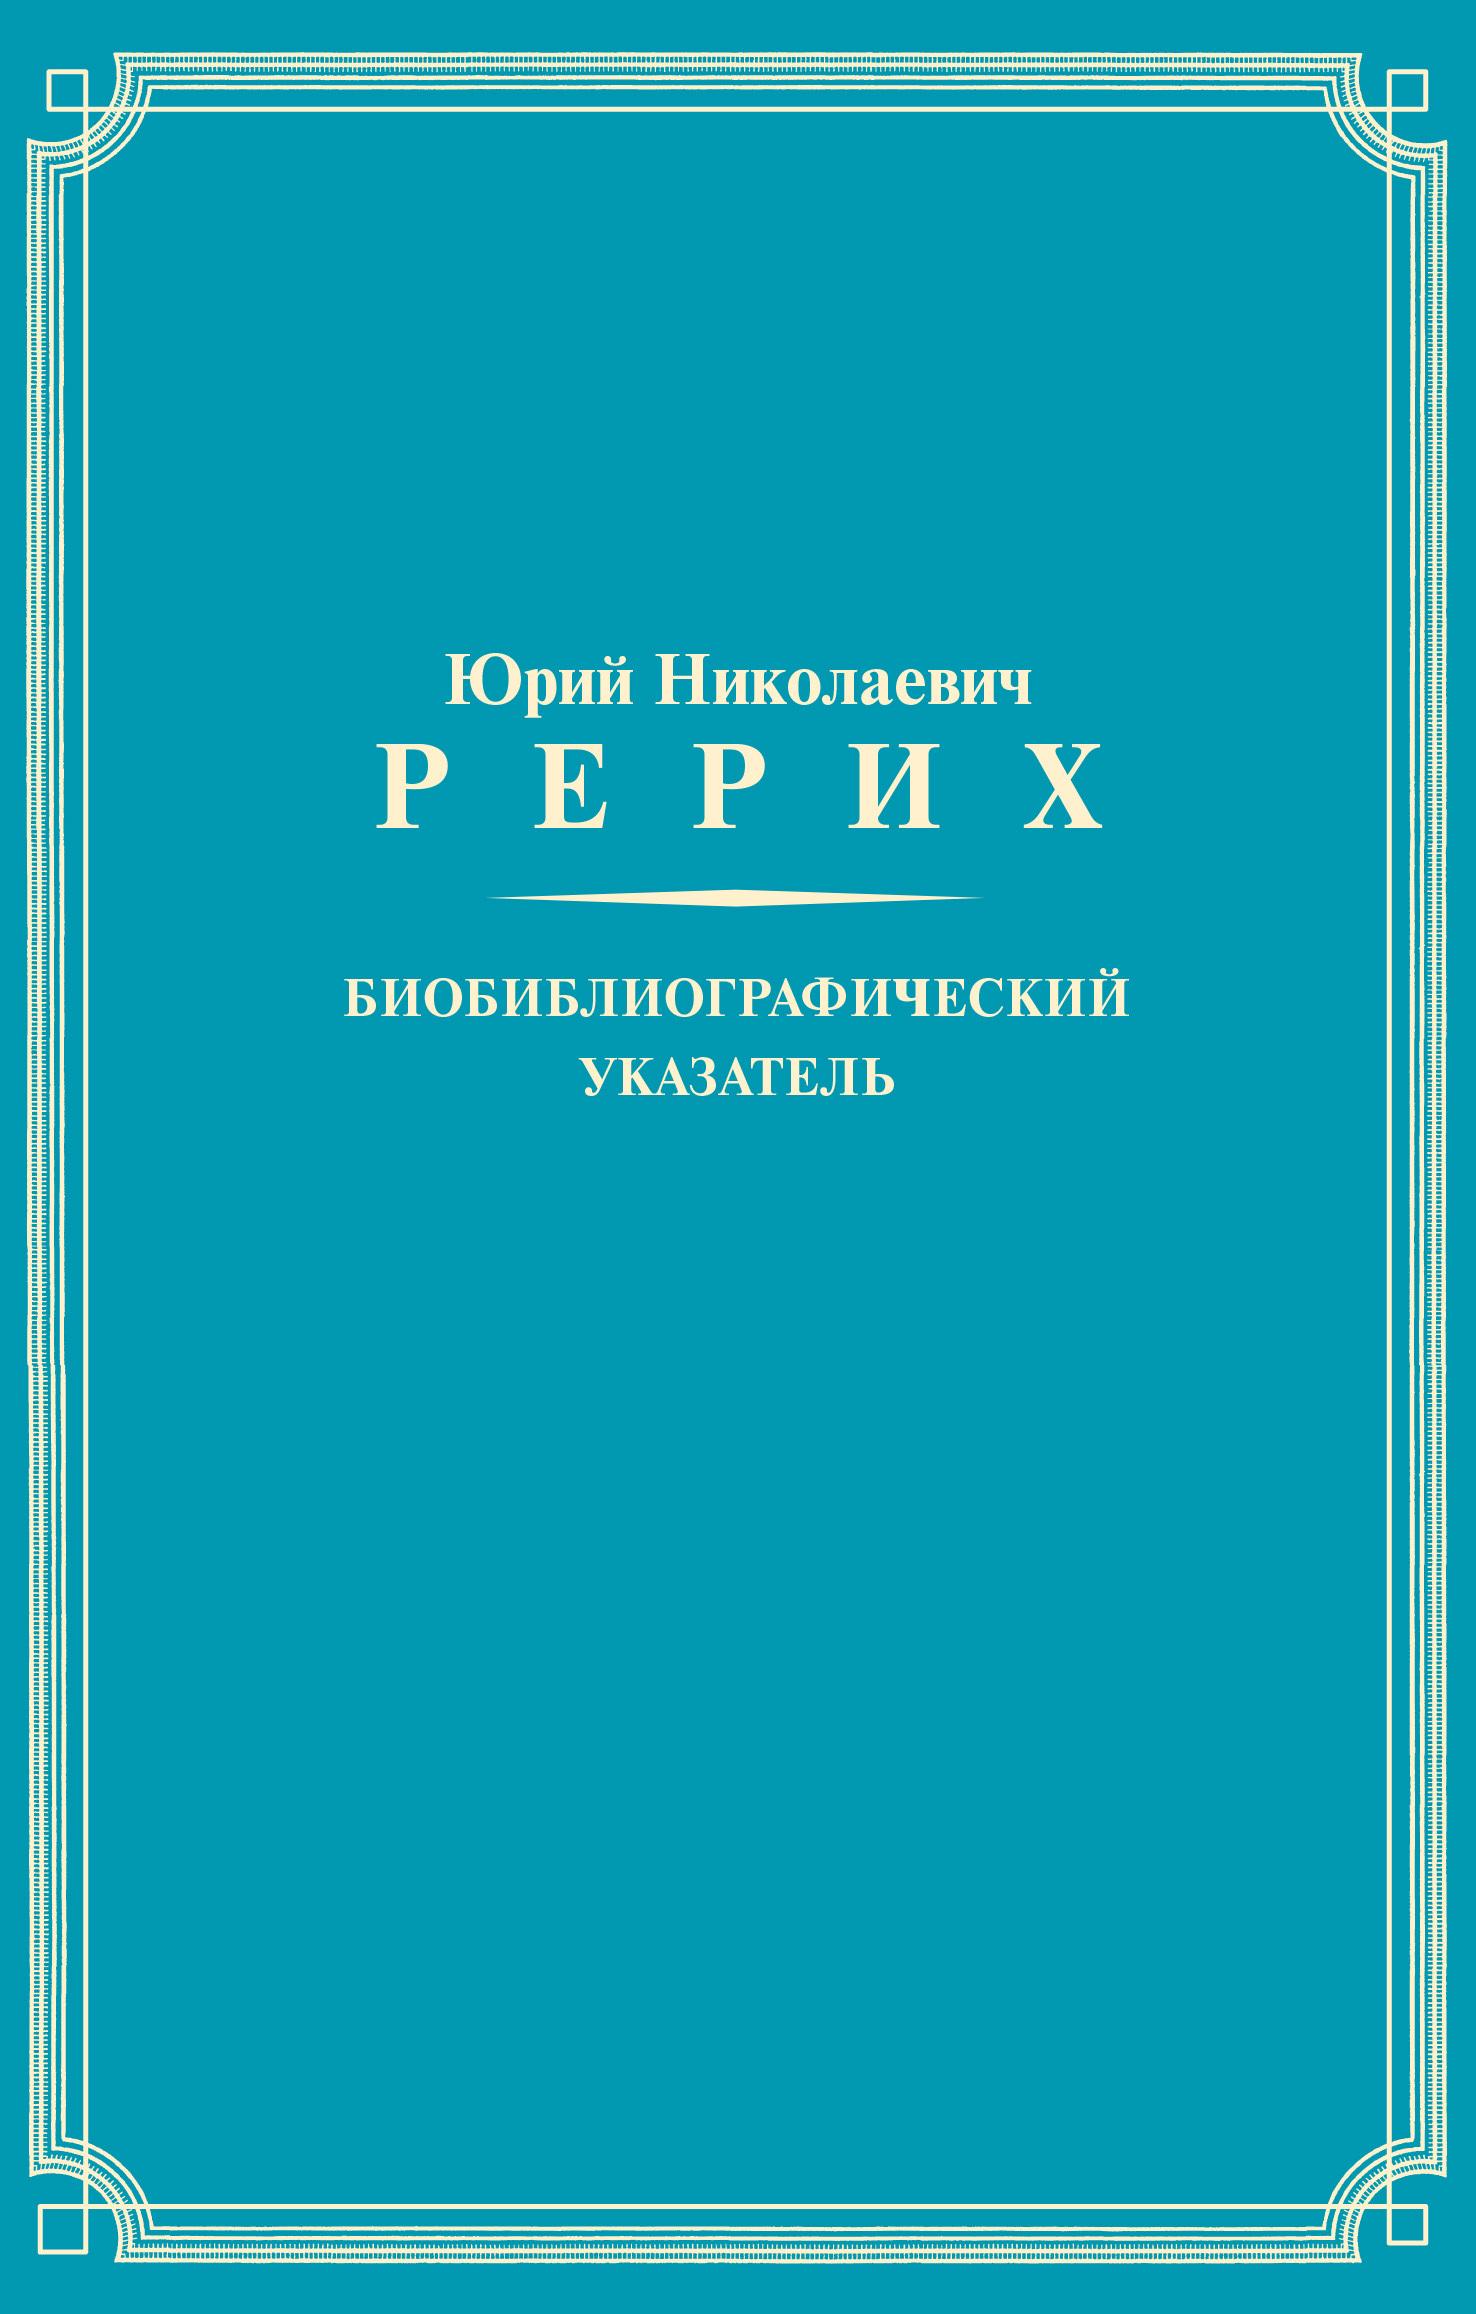 Юрий Николаевич Рерих. Биобиблиографический указатель